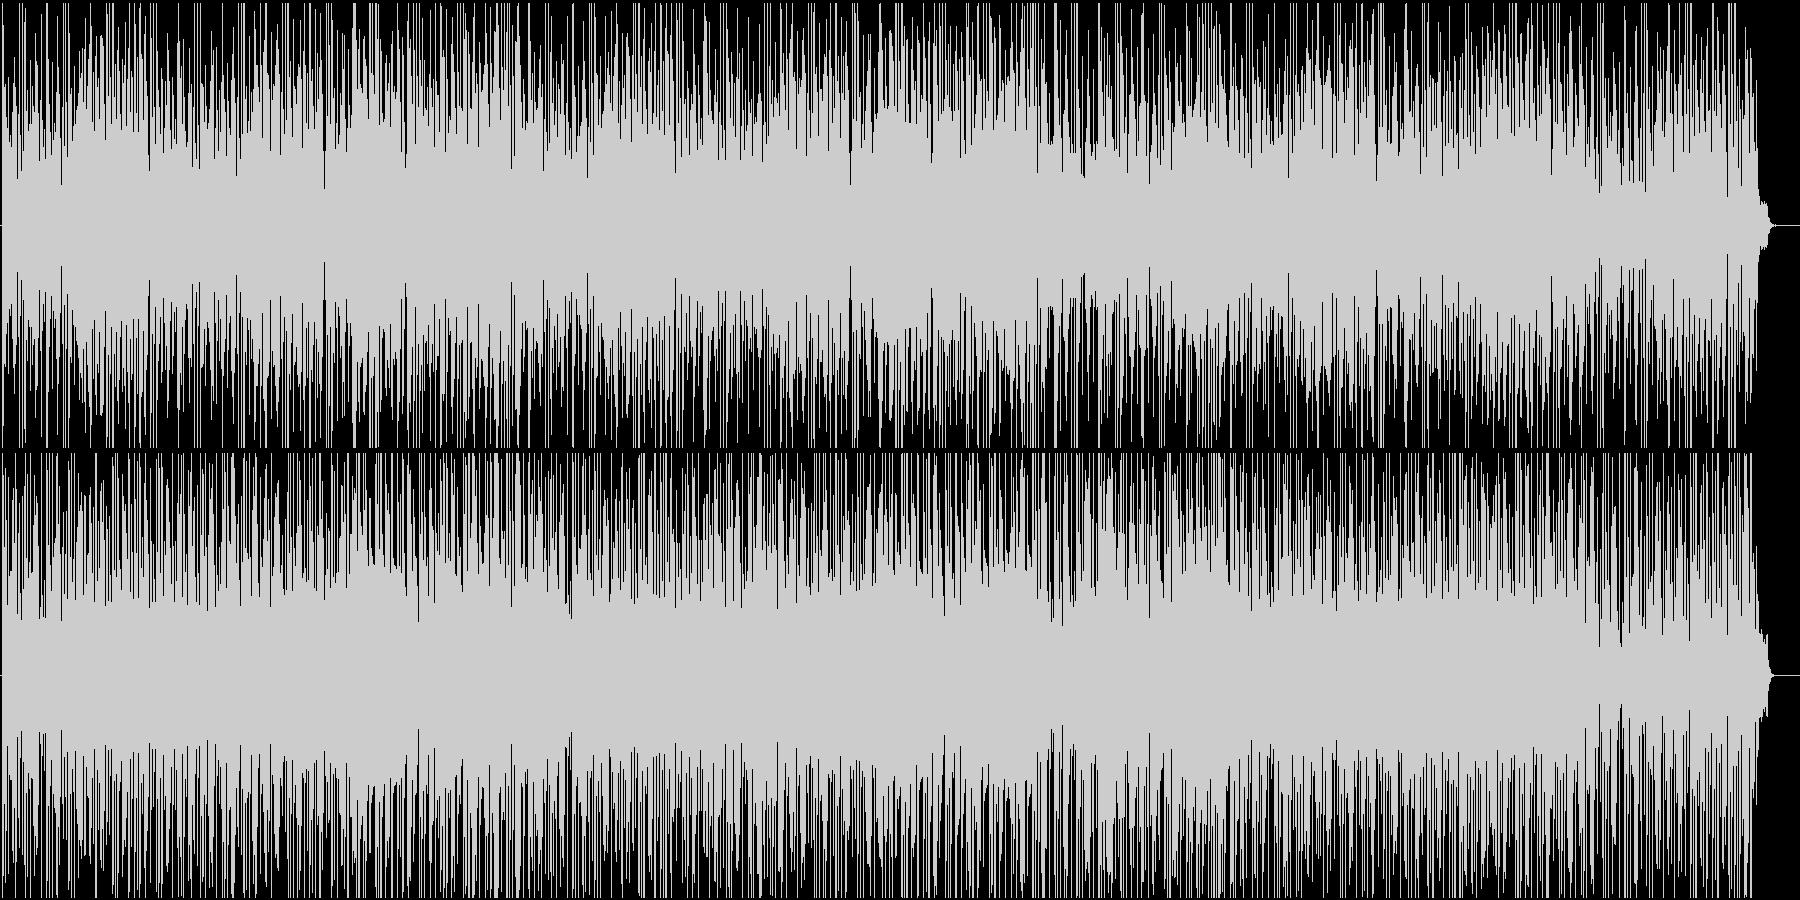 和風・三味線や琴、笛が爽やかなBGMの未再生の波形